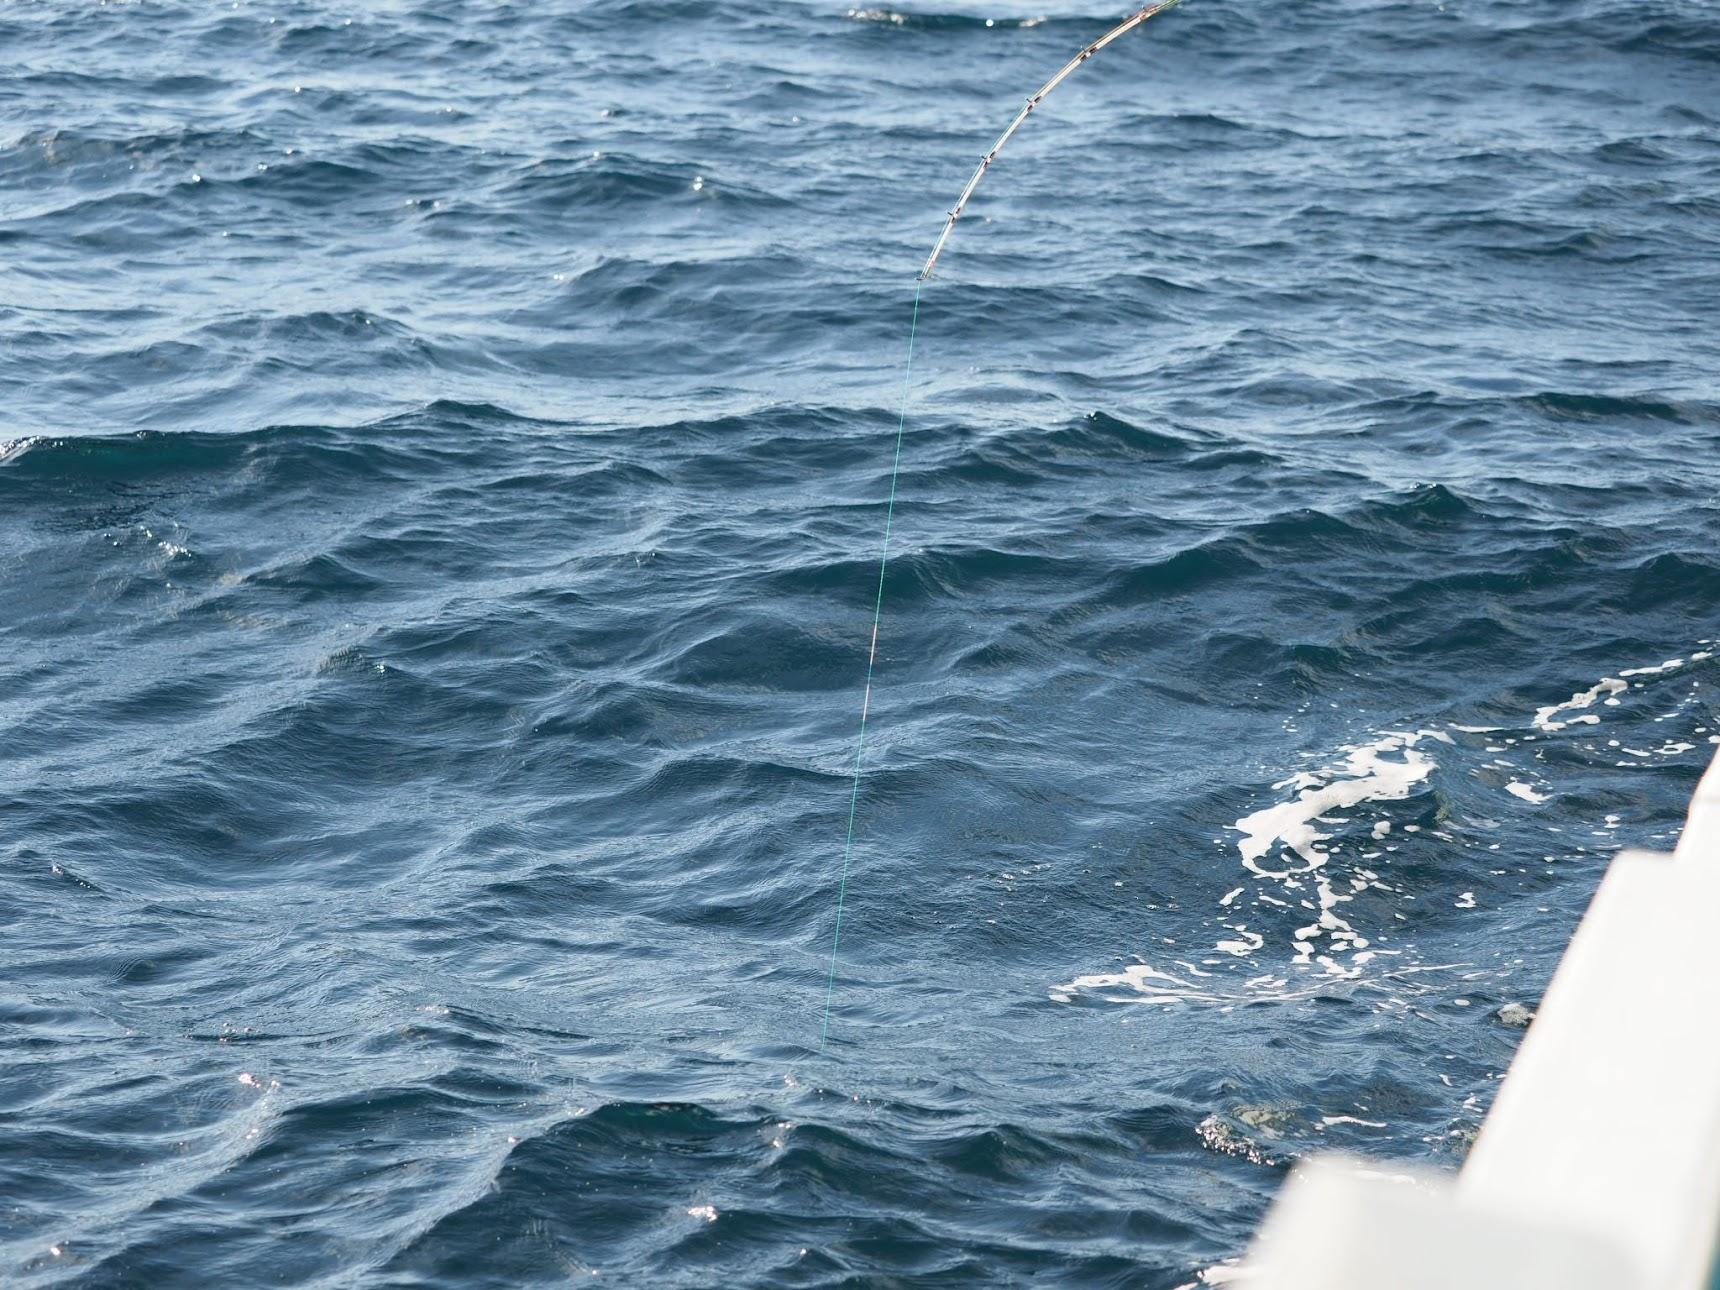 ヒラメがかかった竿